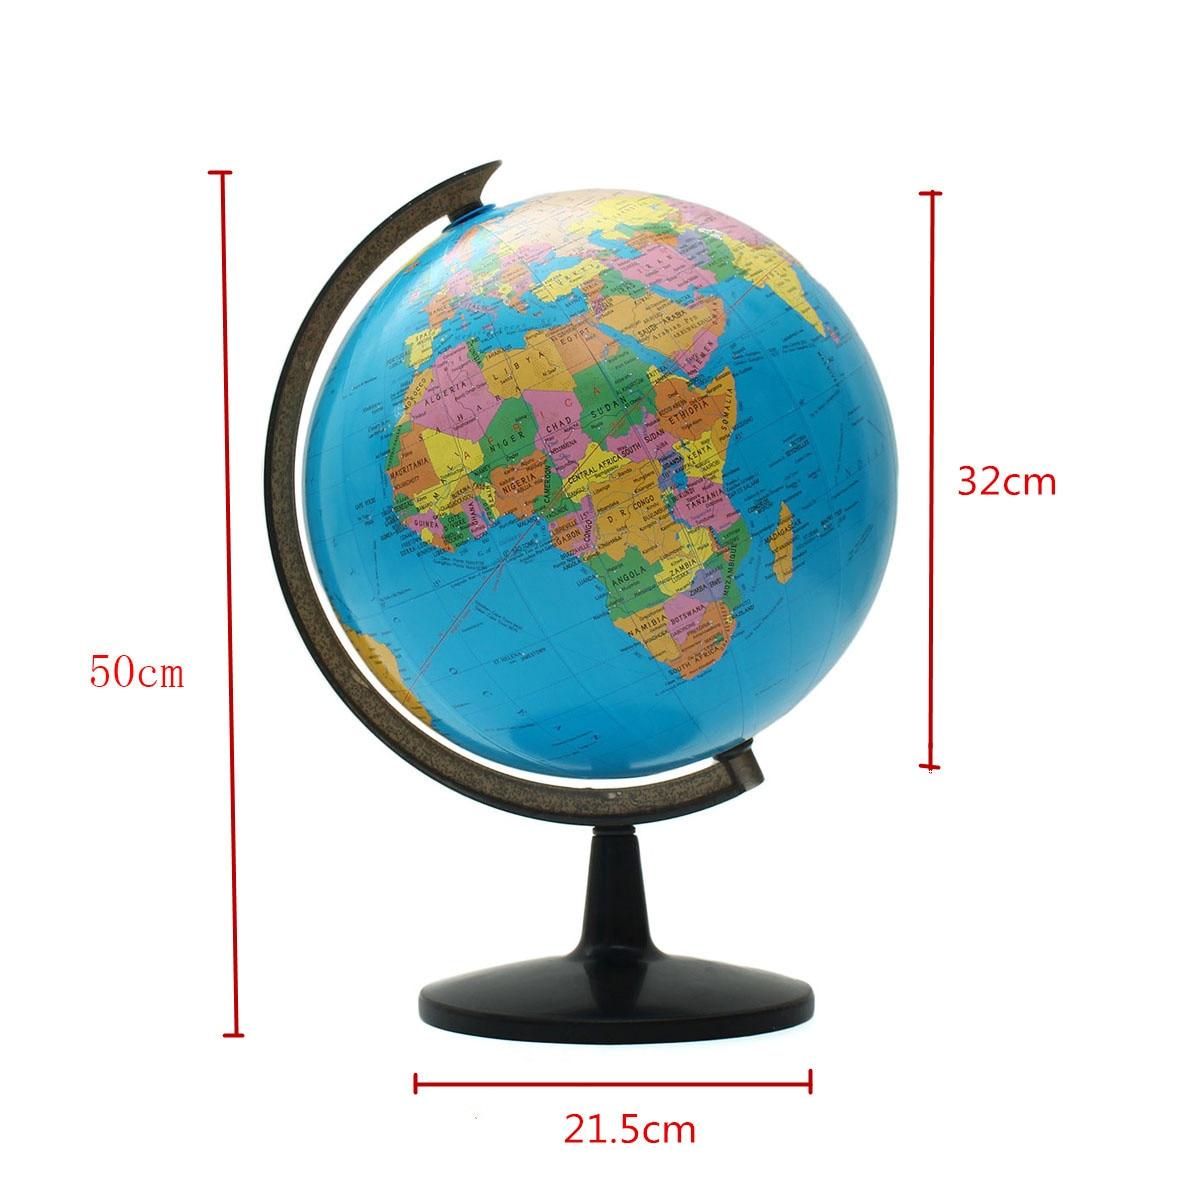 32 cm monde Globe carte enfants géograpie jouets éducatifs fournitures scolaires étudiants récompense cadeau maison bureau décorations de bureau - 5